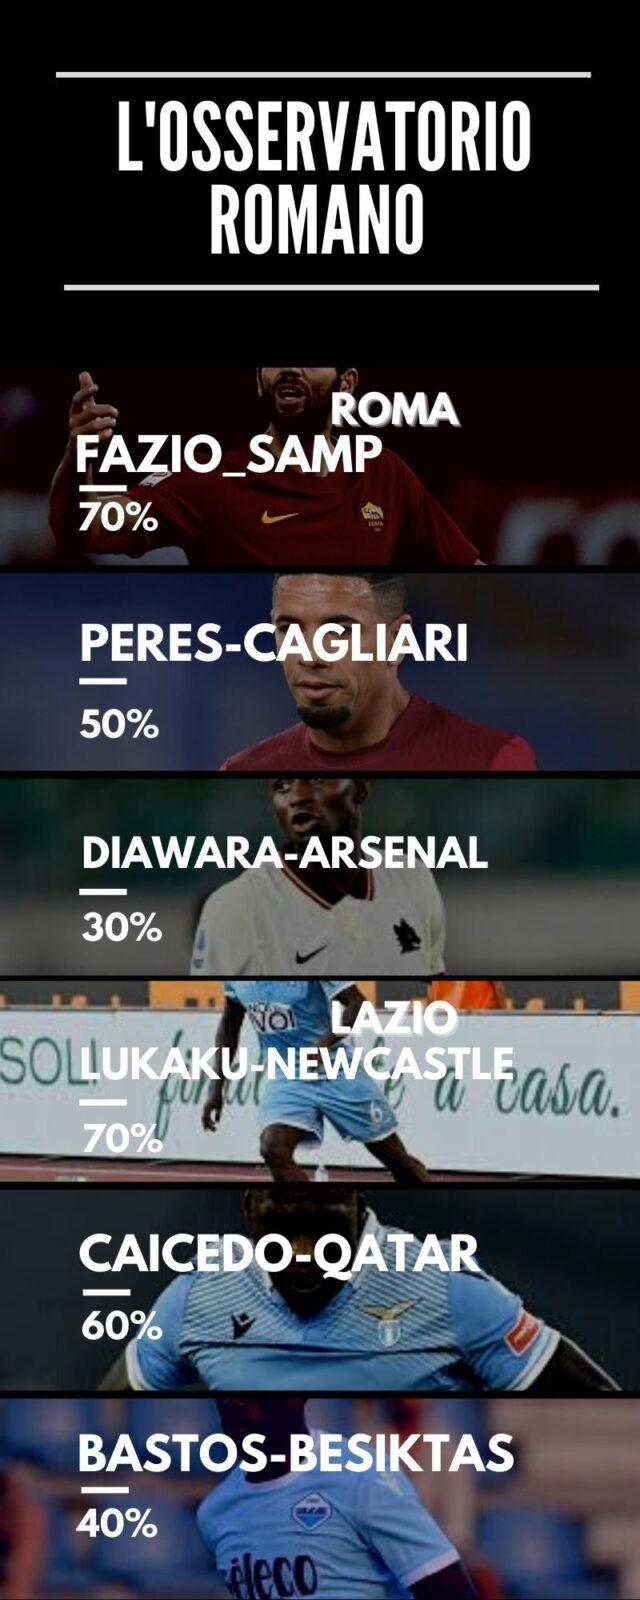 Caicedo lascerà la Lazio?